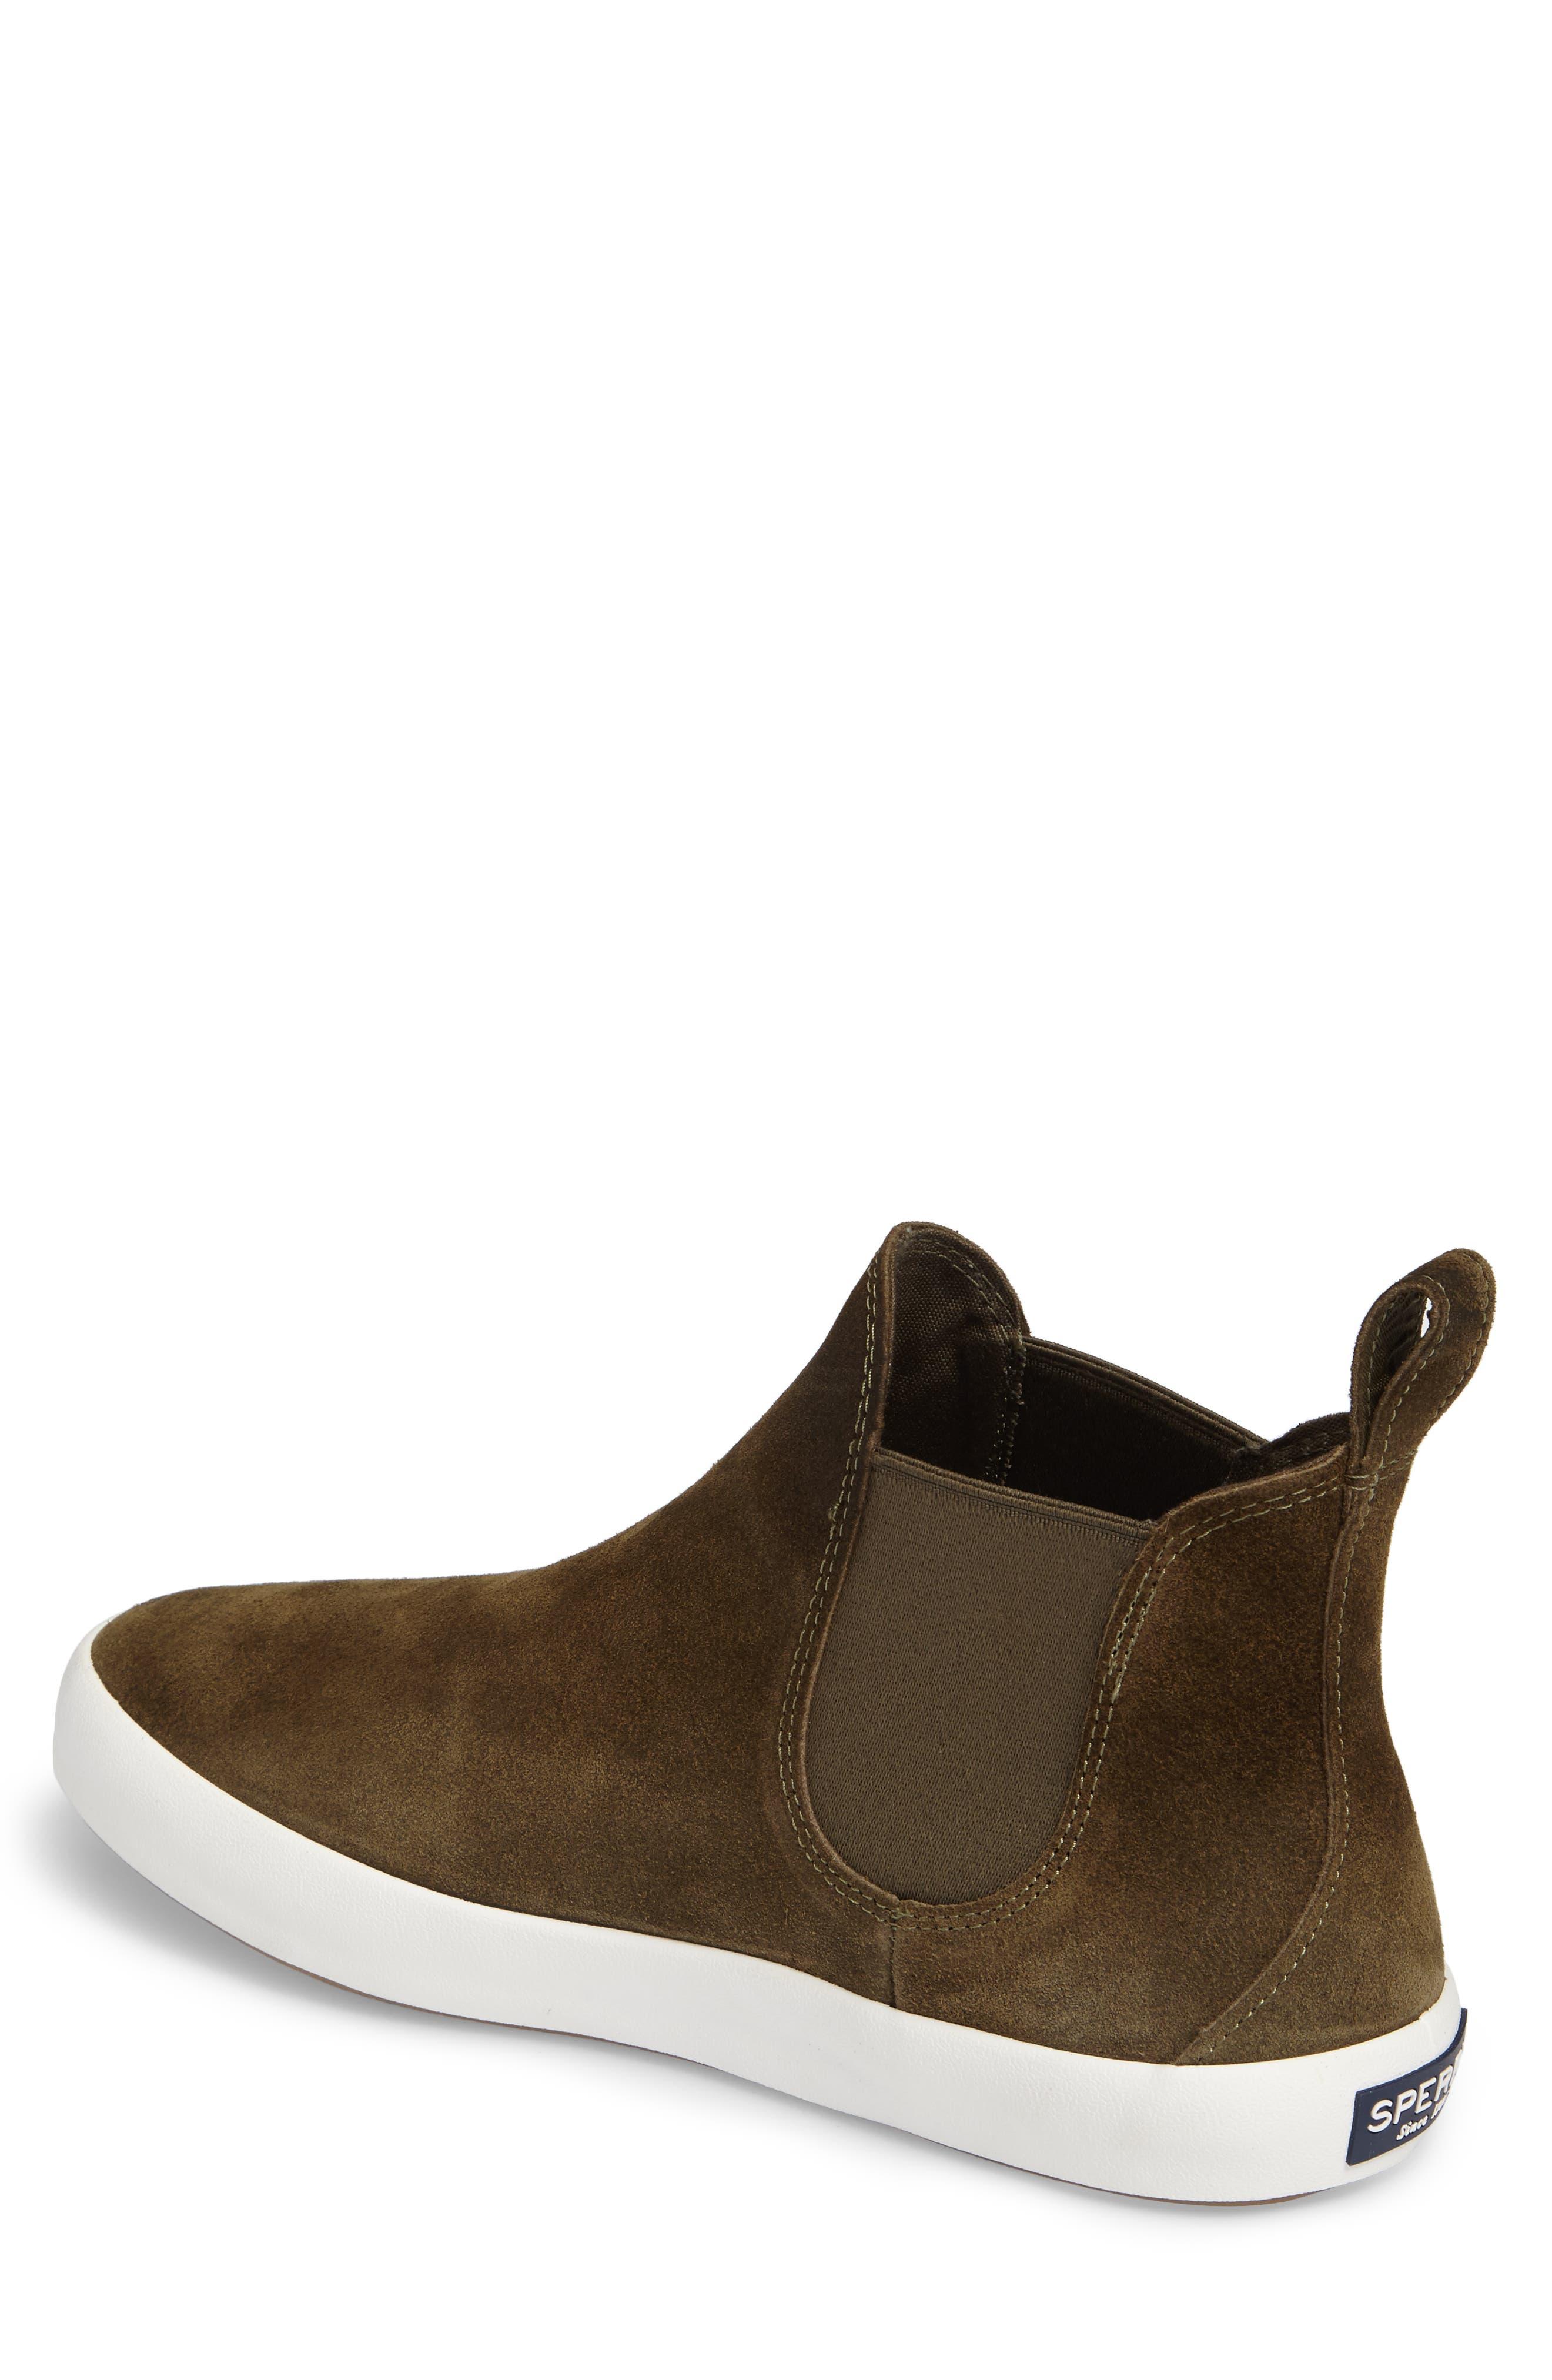 Alternate Image 2  - Sperry Wahoo Chelsea Sneaker Boot (Men)